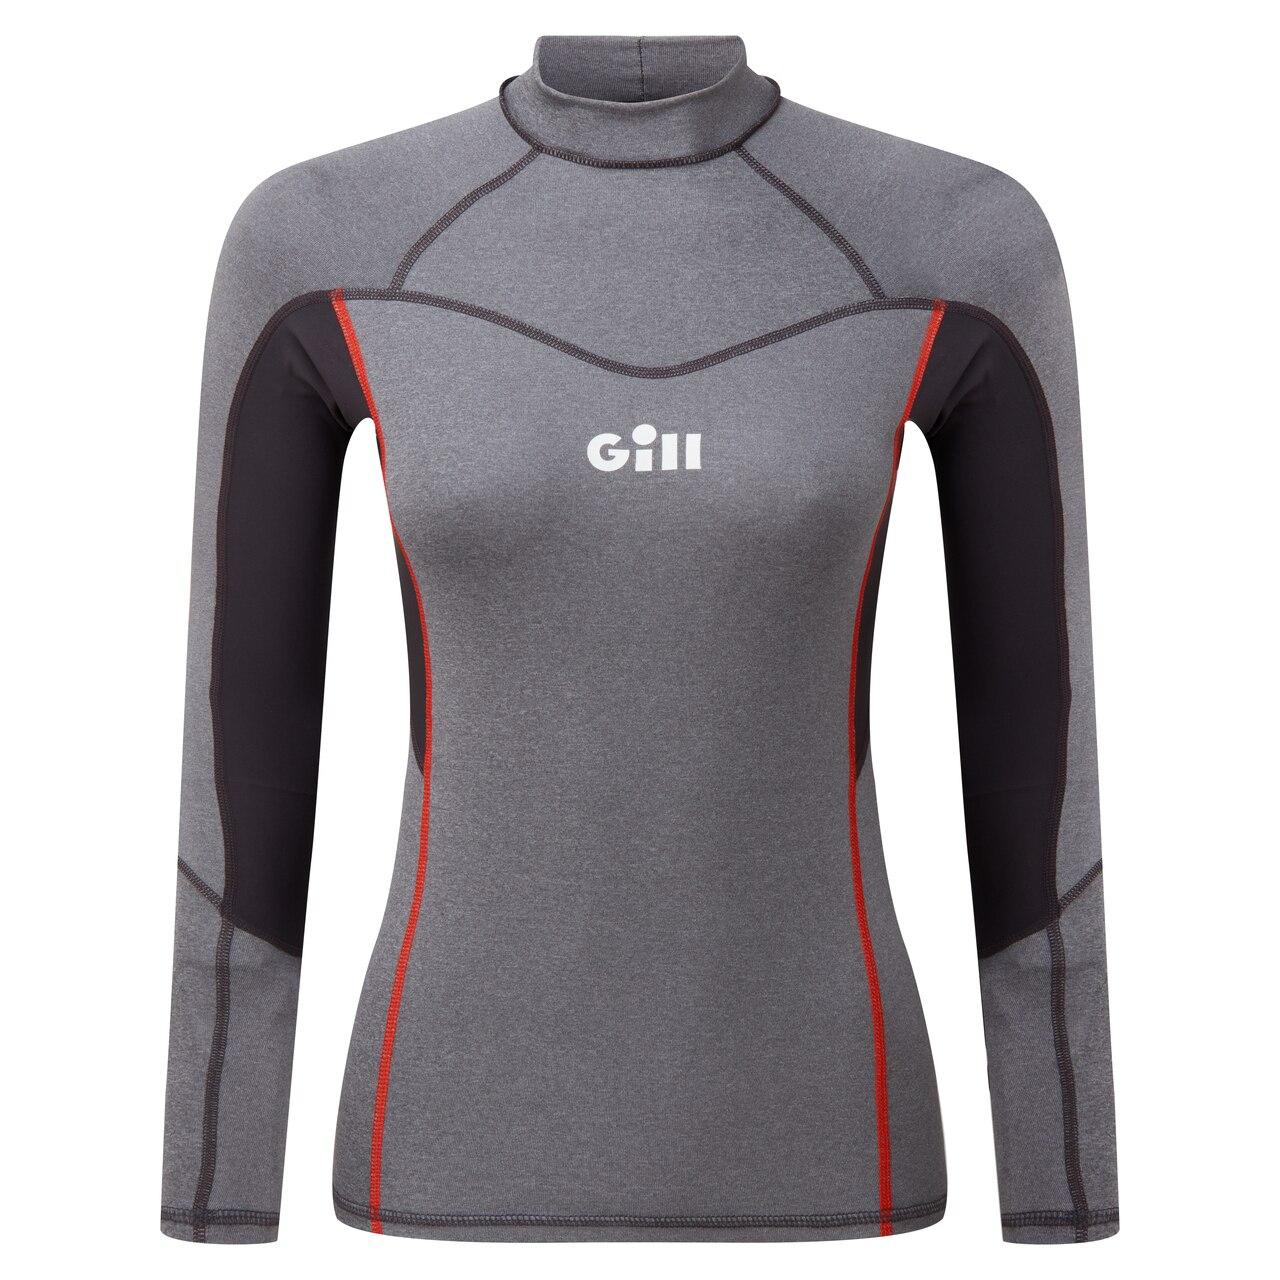 Pro Rash Vest Long Sleeve Women's - 5020W-GRE18-1.jpg